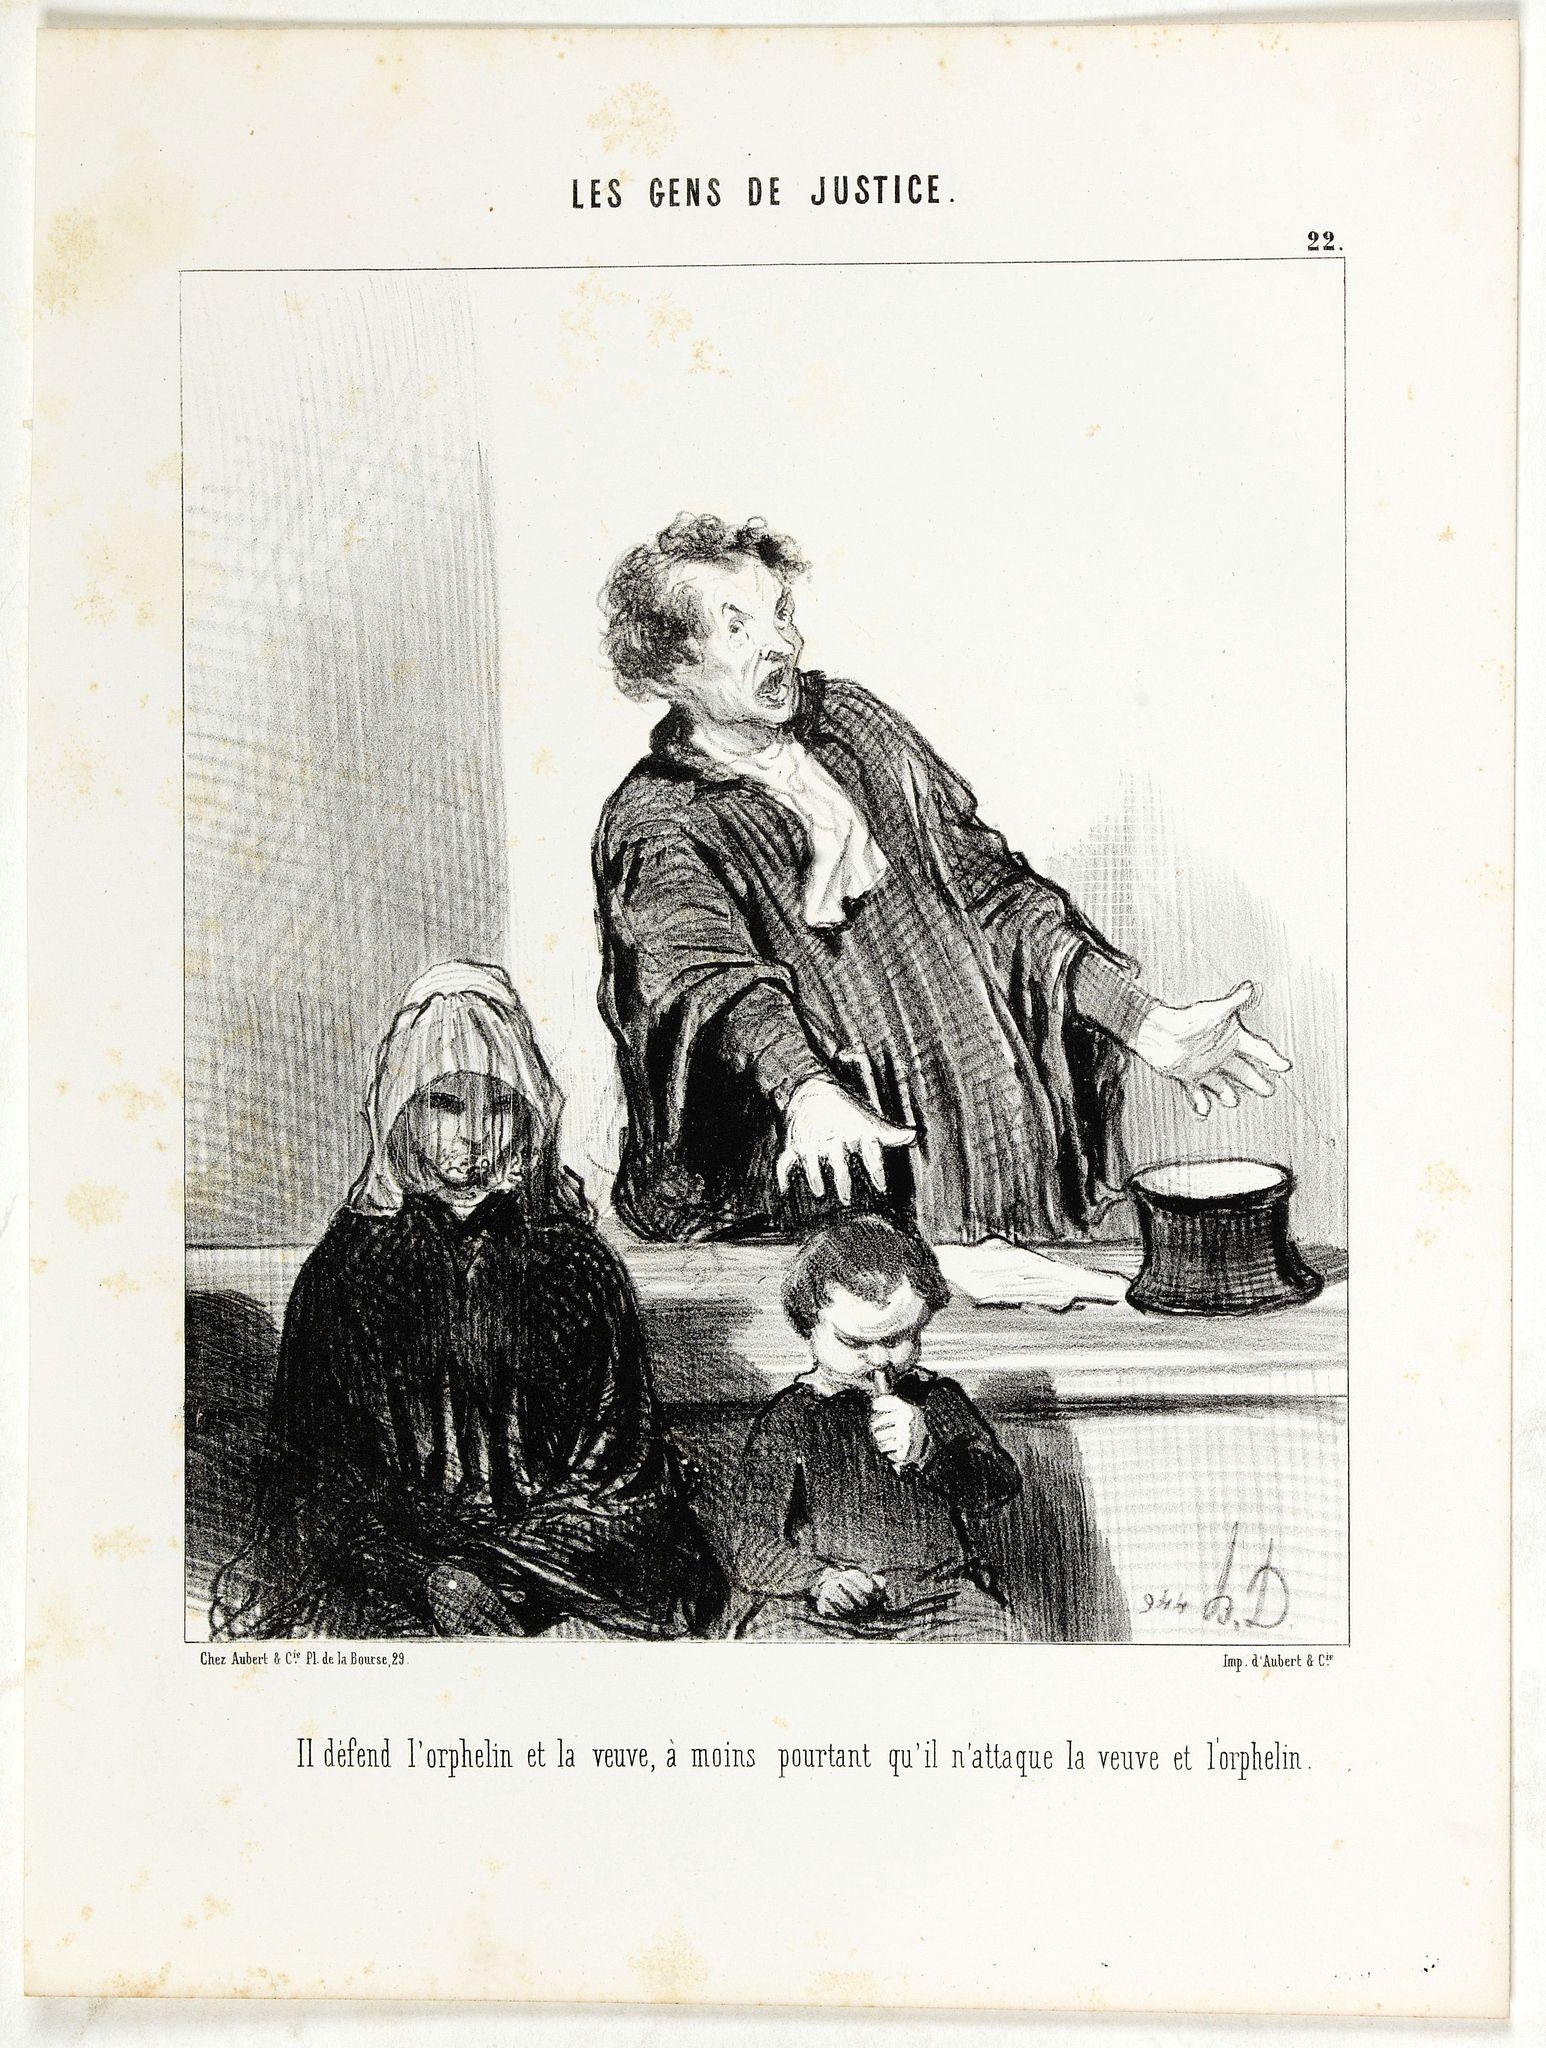 DAUMIER, H. -  Il défend l'orphelin et la veuve, à moins pourtant qu'il n'attaque la veuve et l'orphelin.